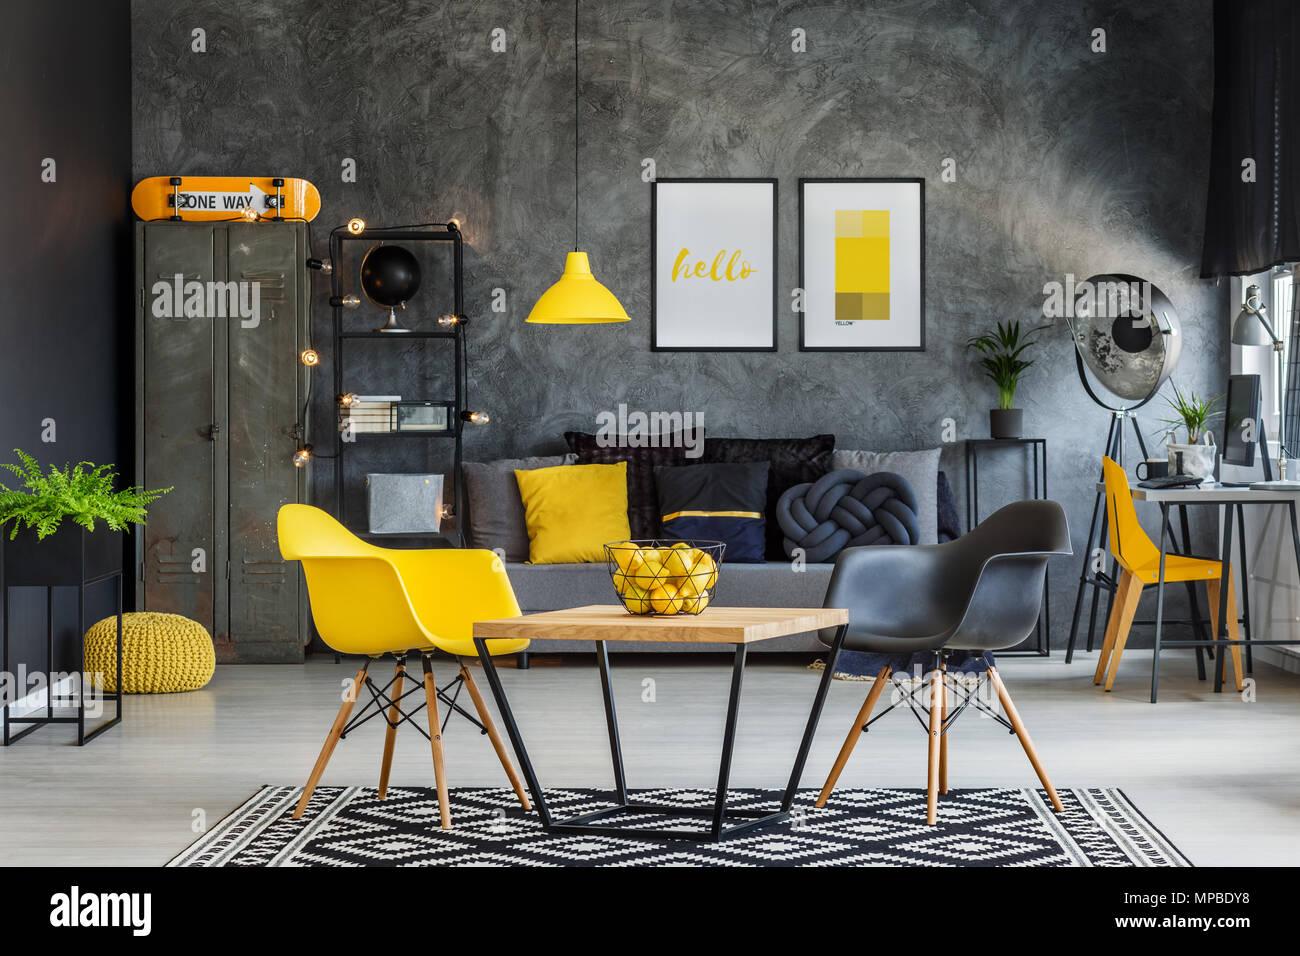 Mobilier moderne dans unique jaune et gris intérieur bureau